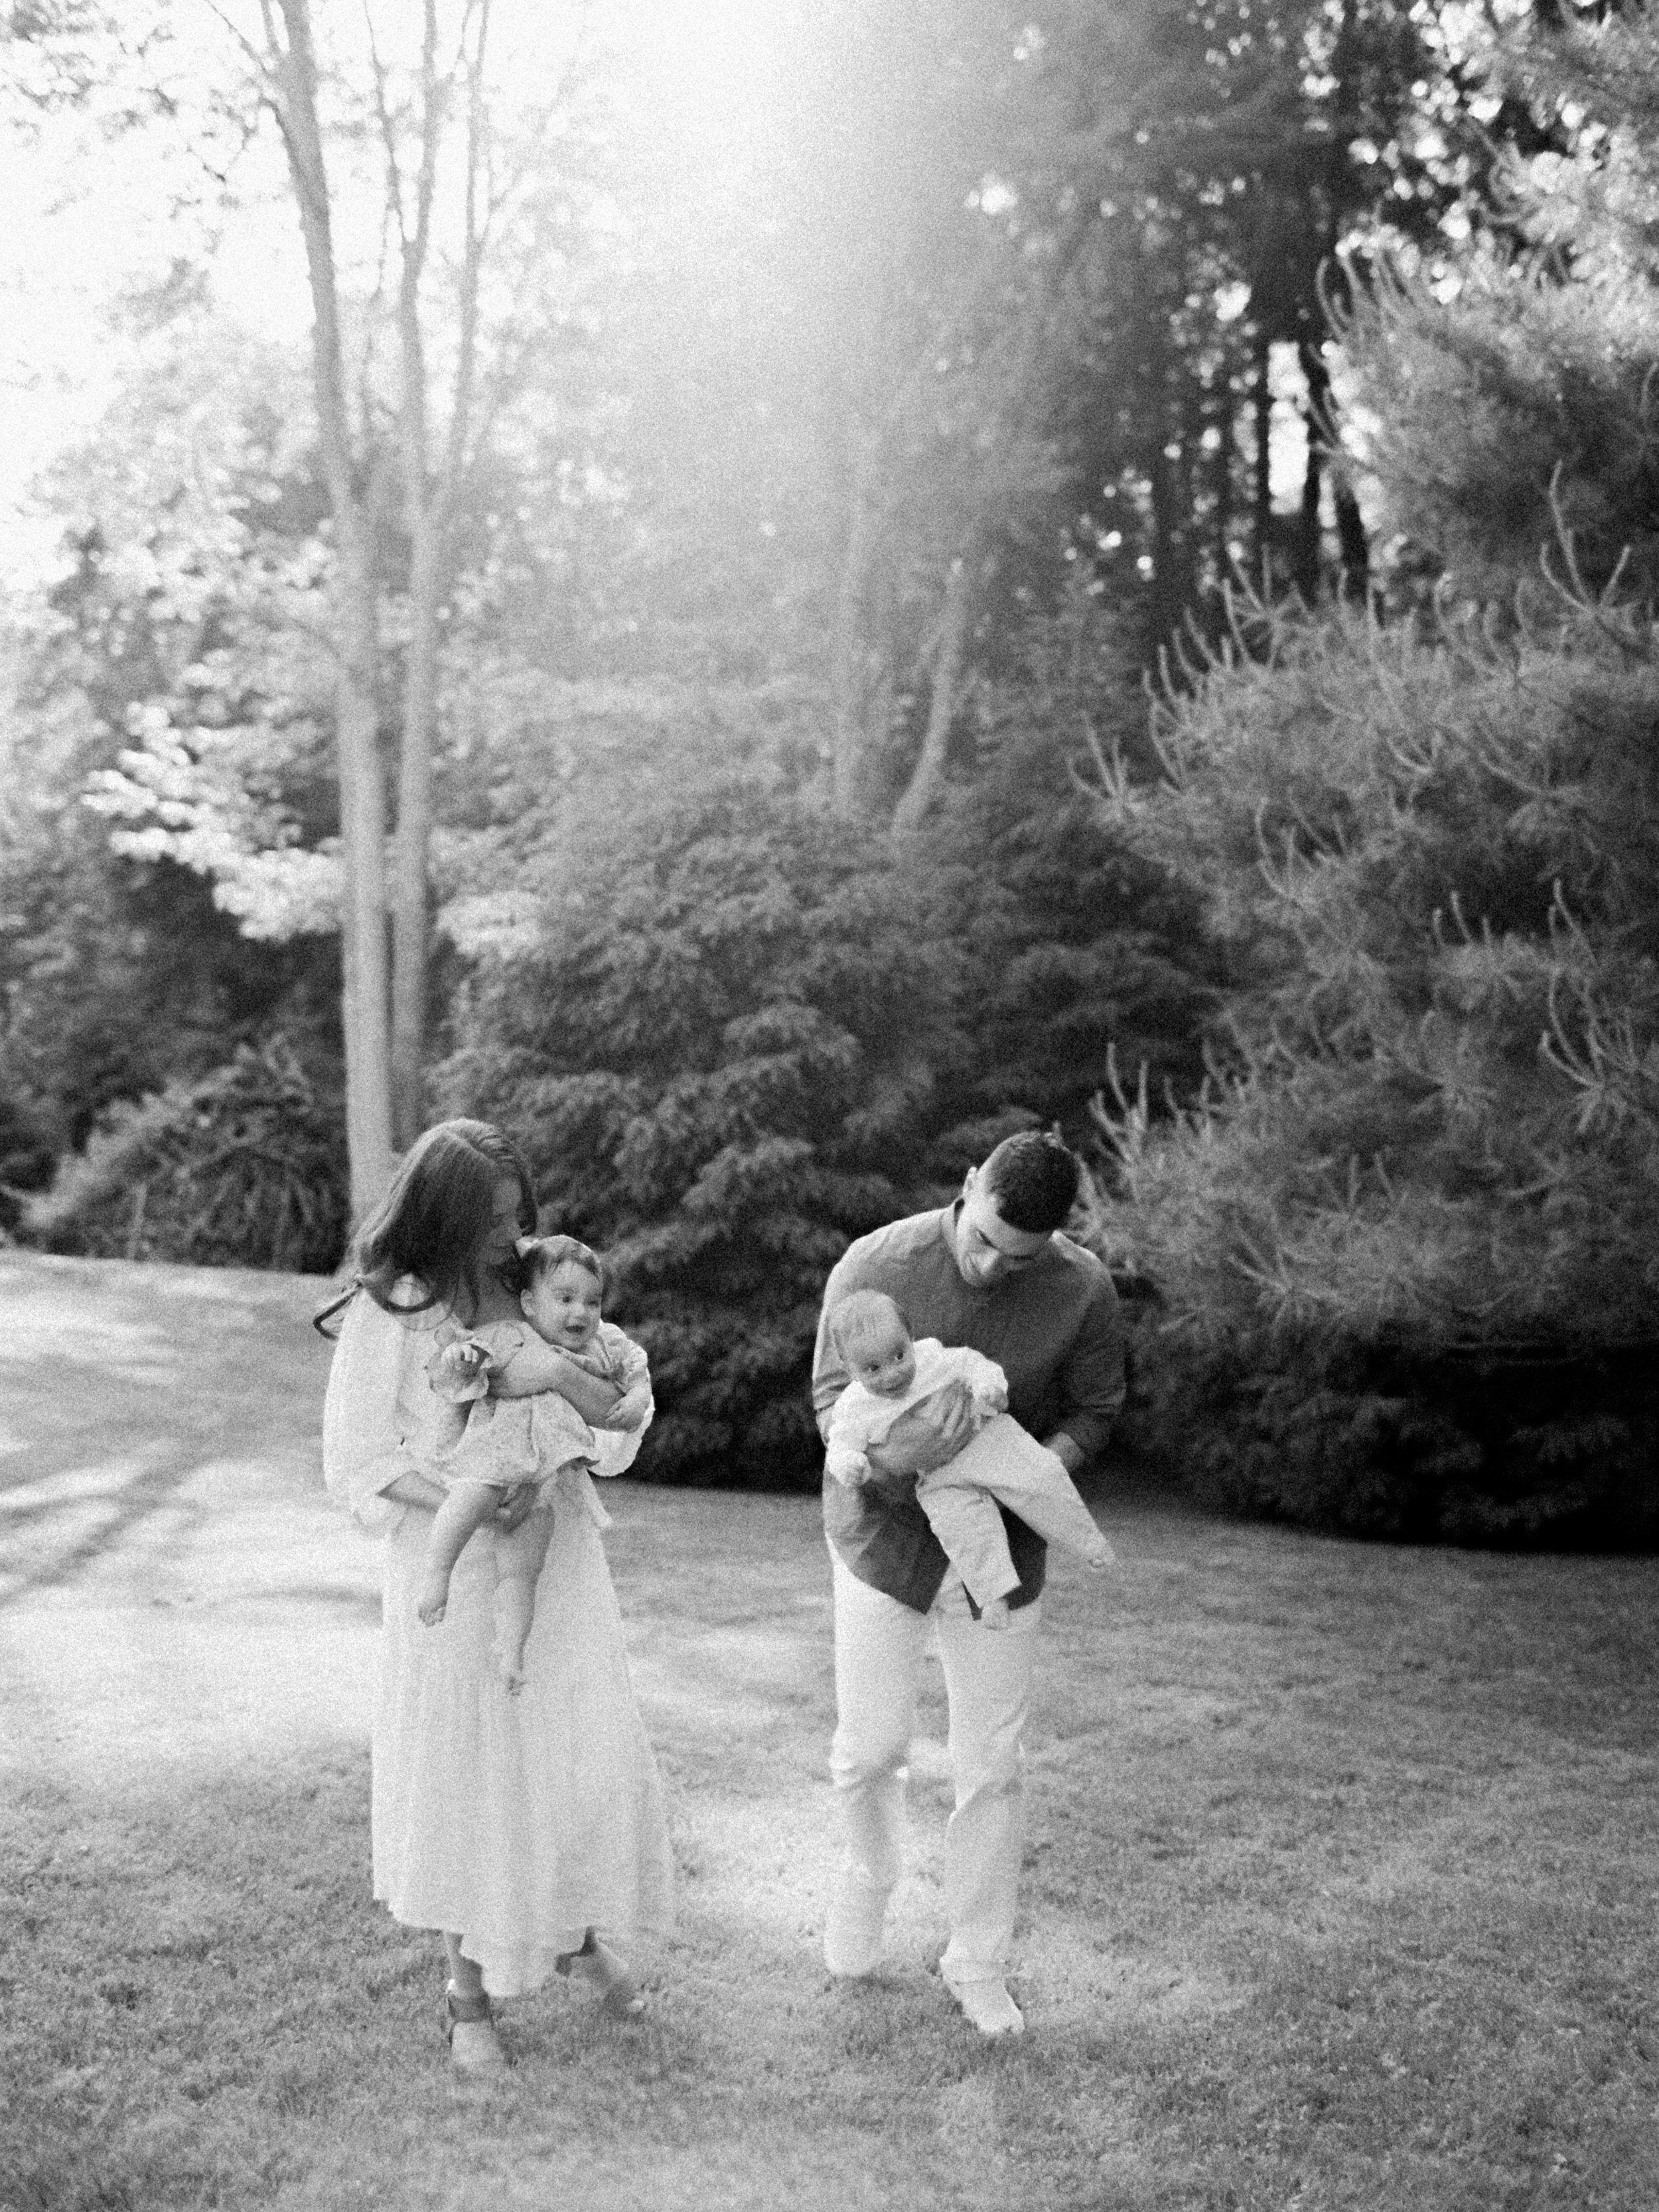 Pound-Ridge-Family-Portraits-65-Jen-Huang-003167-R1-015.jpg